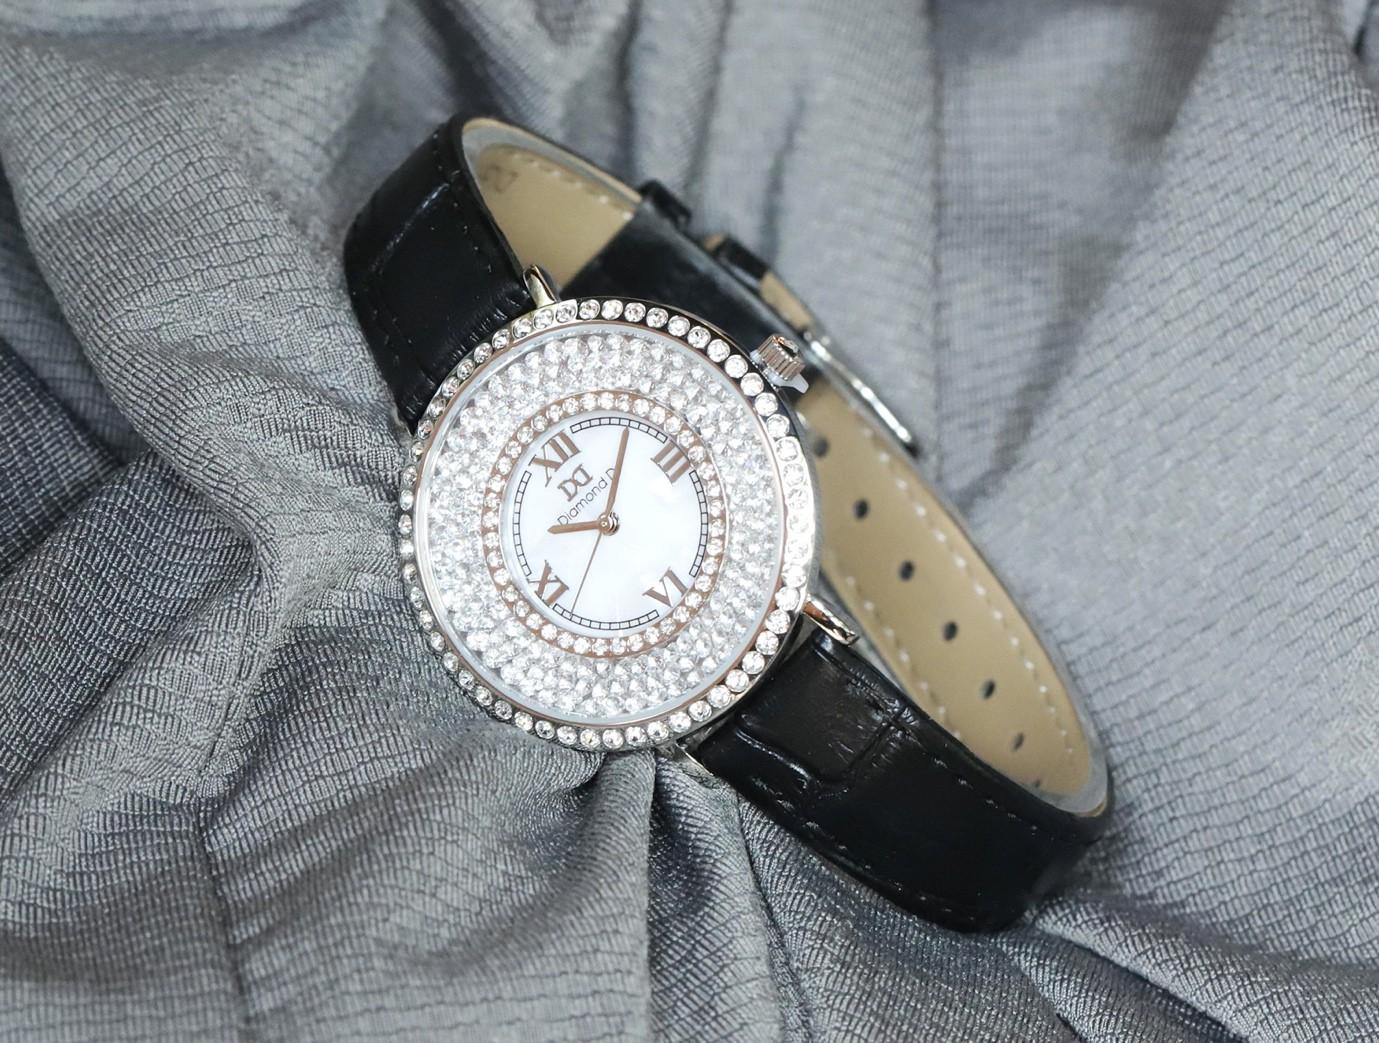 Đăng Quang Watch giảm giá lên đến 30% kèm nhiều ưu đãi hấp dẫn dịp 20/10 - Ảnh 4.